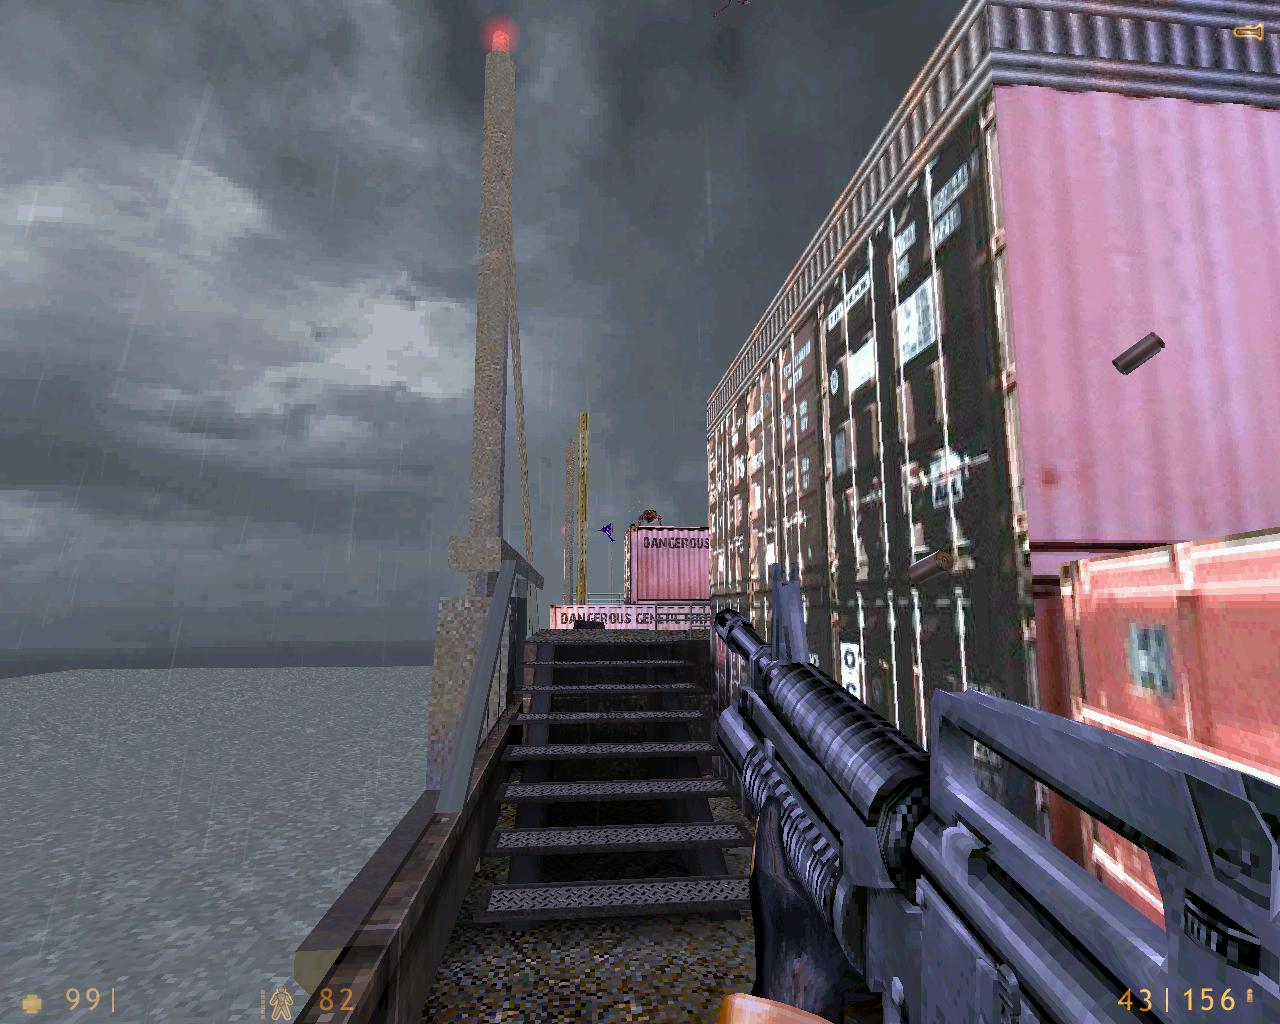 pcsm5d0134.png - Half-Life